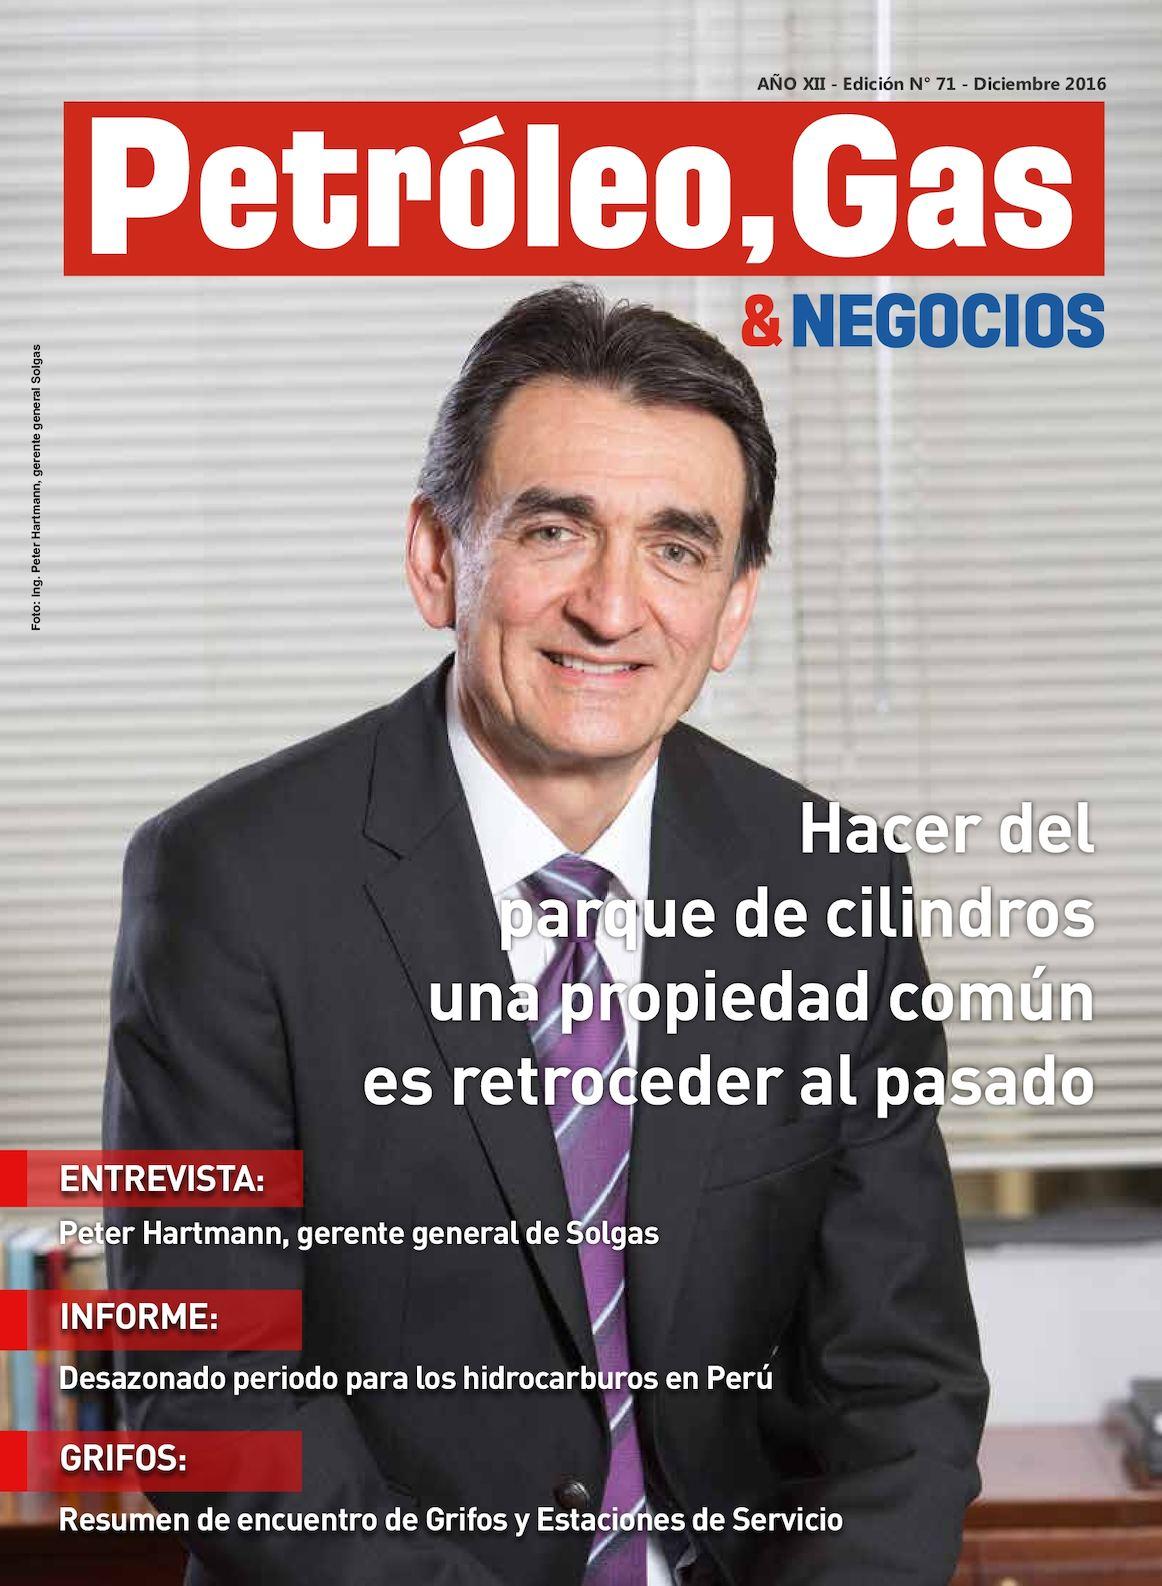 Calaméo - Revista Petroleo, Gas & Negocios Edicion 71